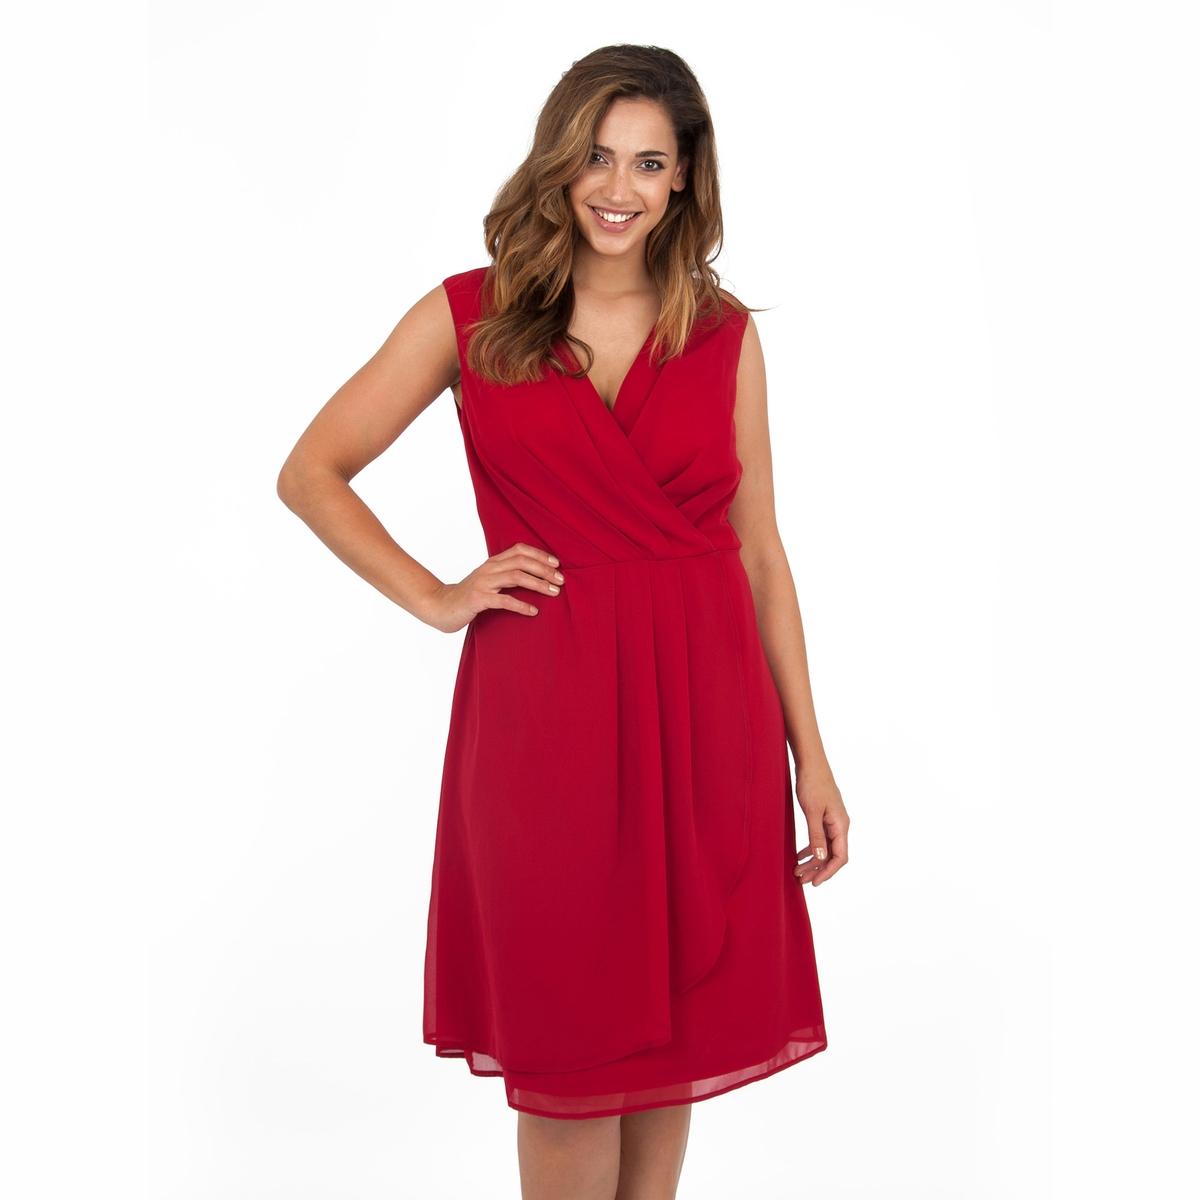 ПлатьеПлатье без рукавов - LOVEDROBE. С драпировкой спереди, верх с запахом .Скрытая застежка на молнию на спине. Длина ок.104 см. 100% полиэстер.<br><br>Цвет: бордовый<br>Размер: 58/60 (FR) - 64/66 (RUS)